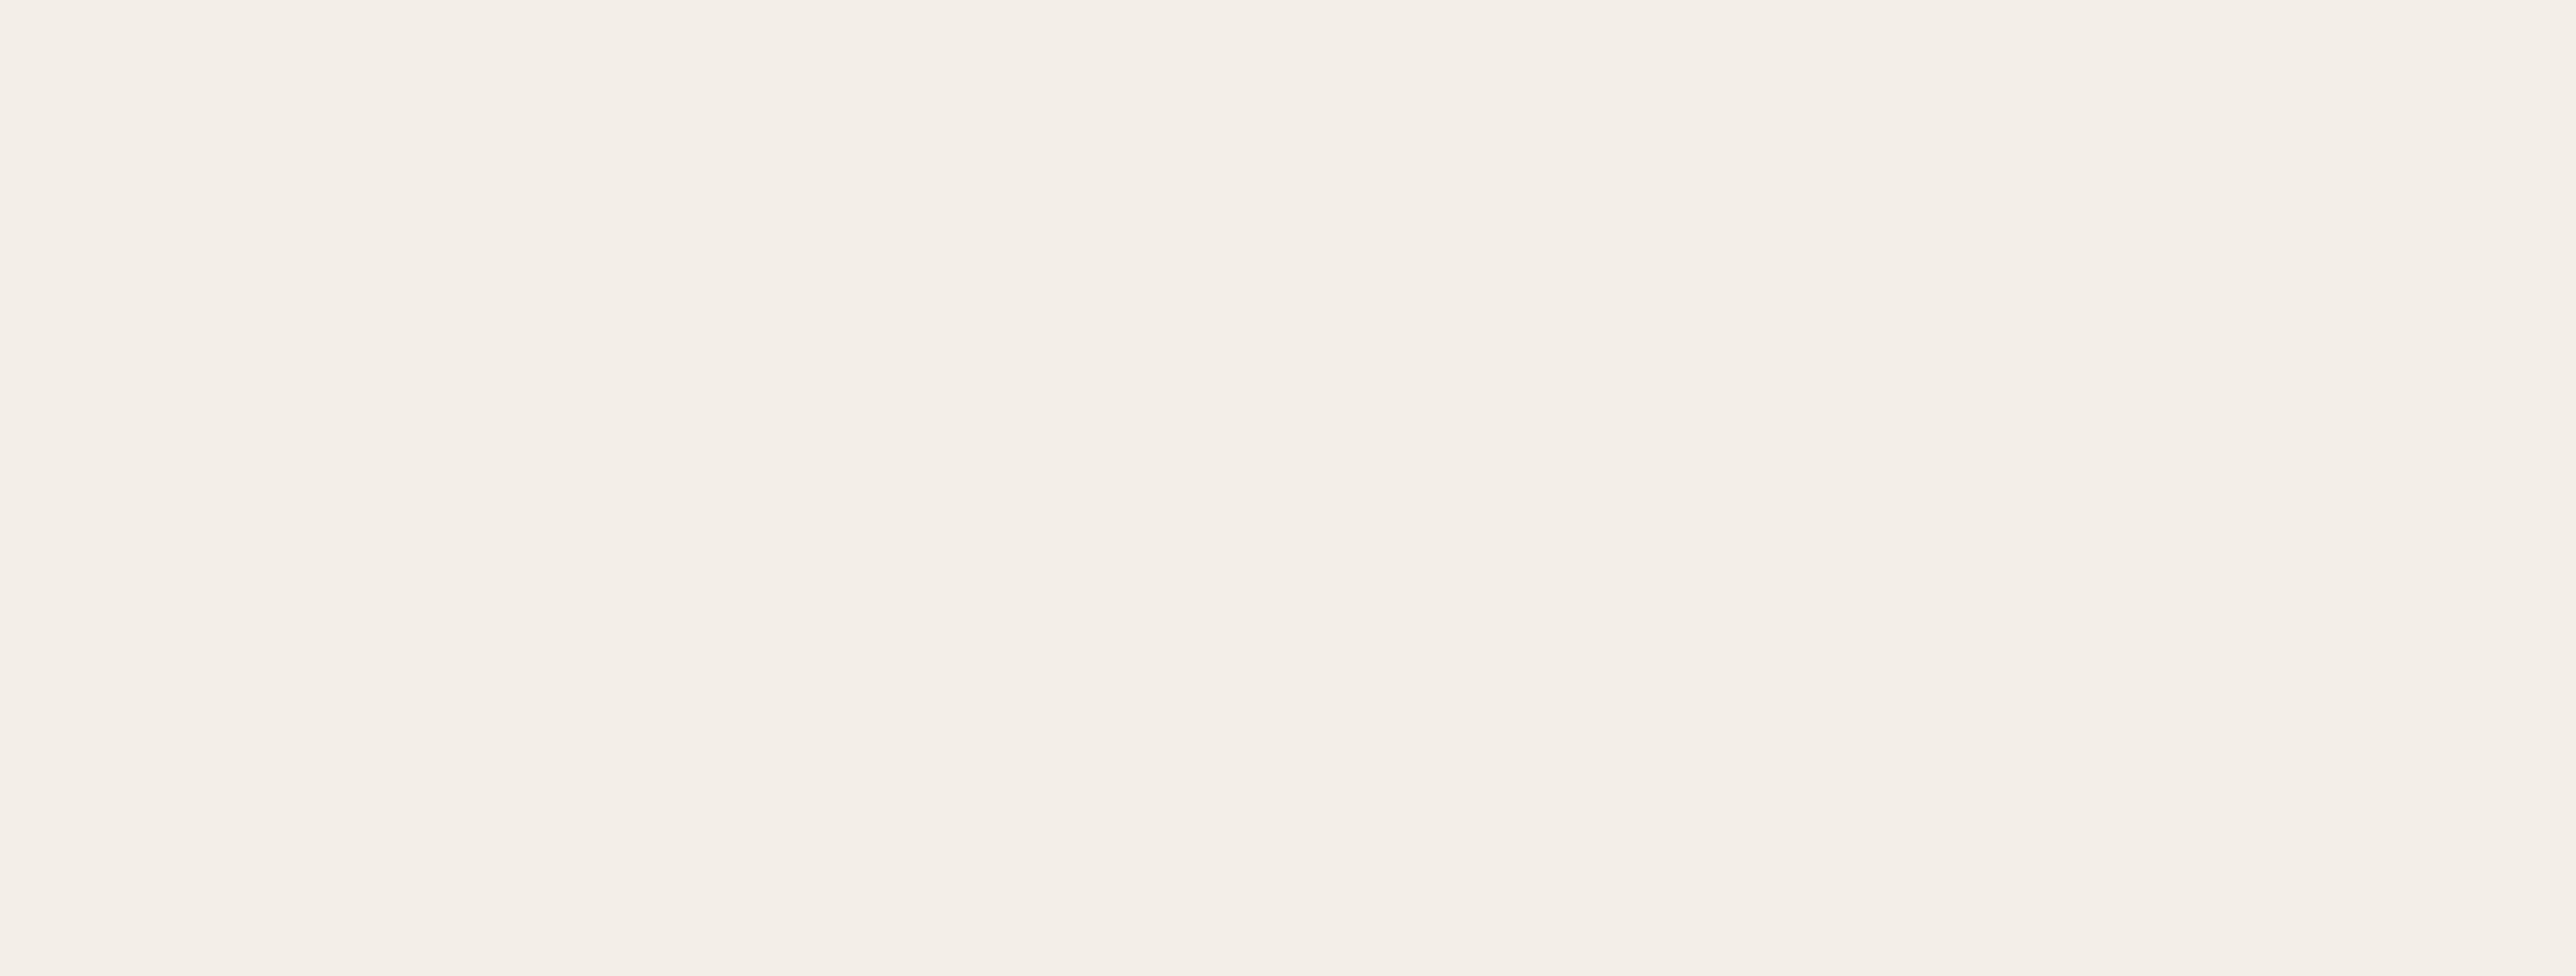 JÄÄK Colorvision snowy white 1320-M100 15x30 II sort - Hansas Plaadimaailm